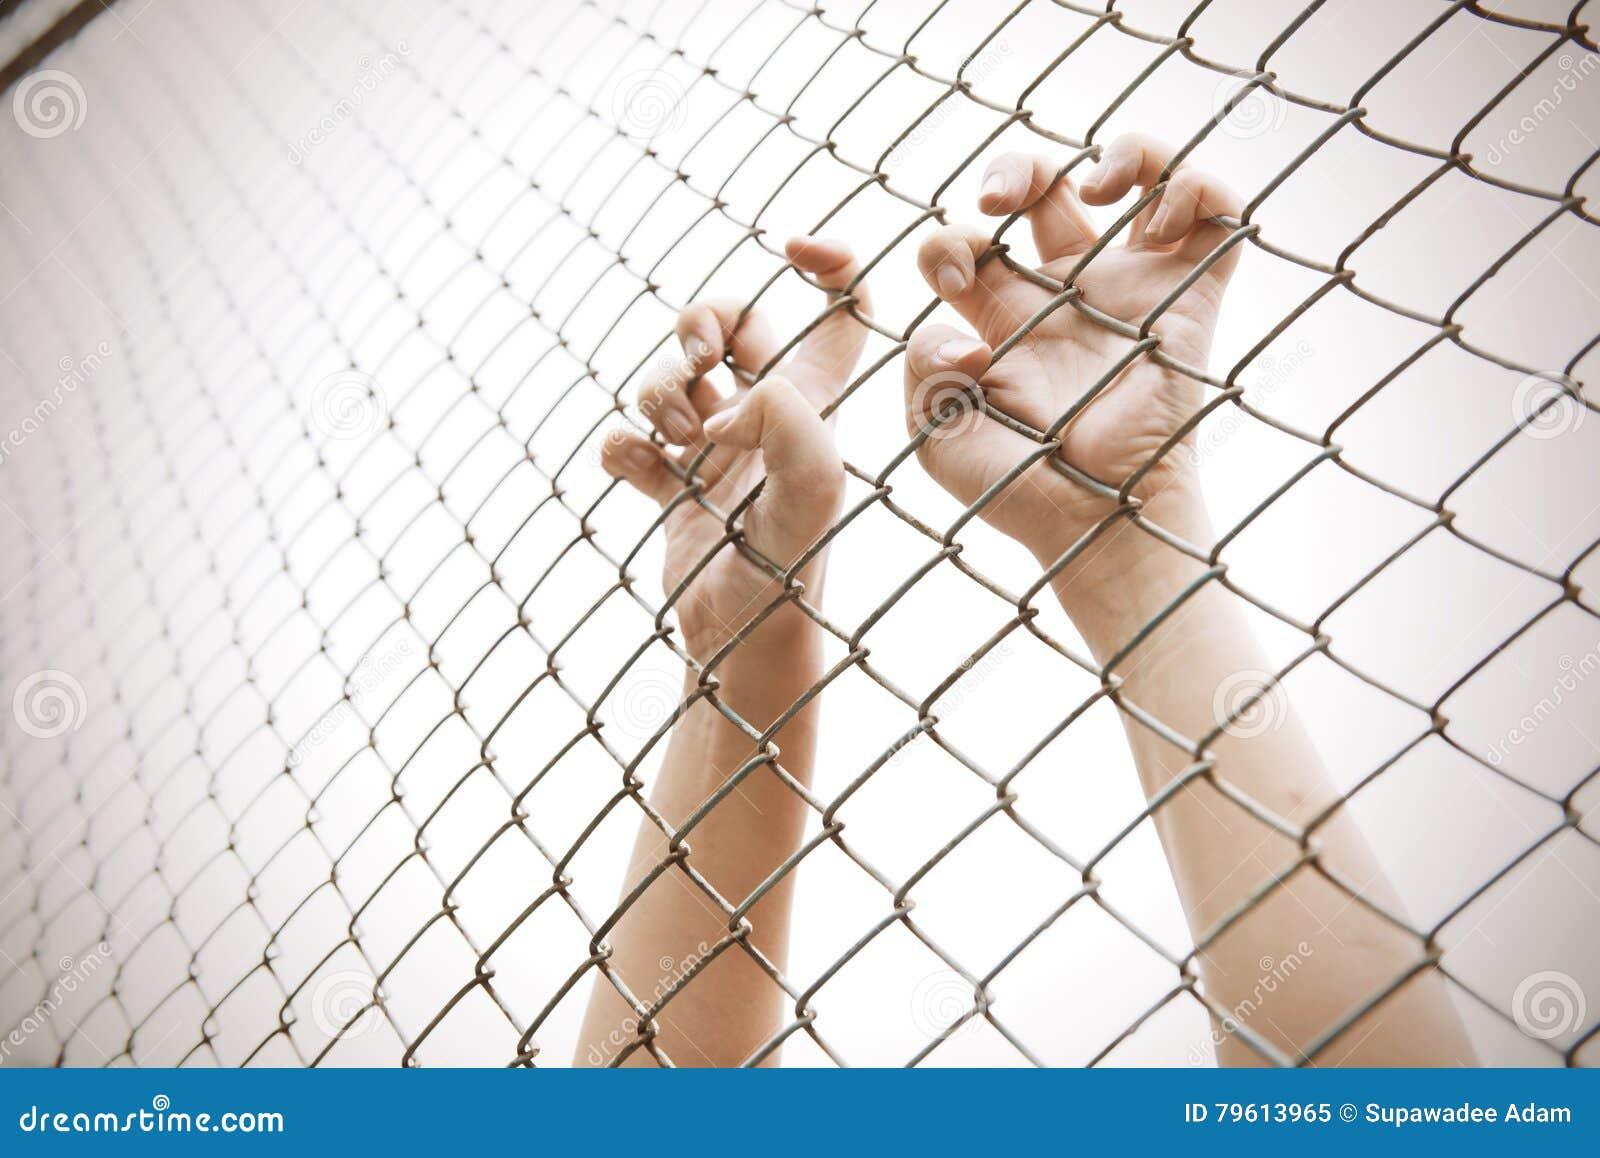 Gaiola de travamento da malha da mão O prisioneiro quer a liberdade